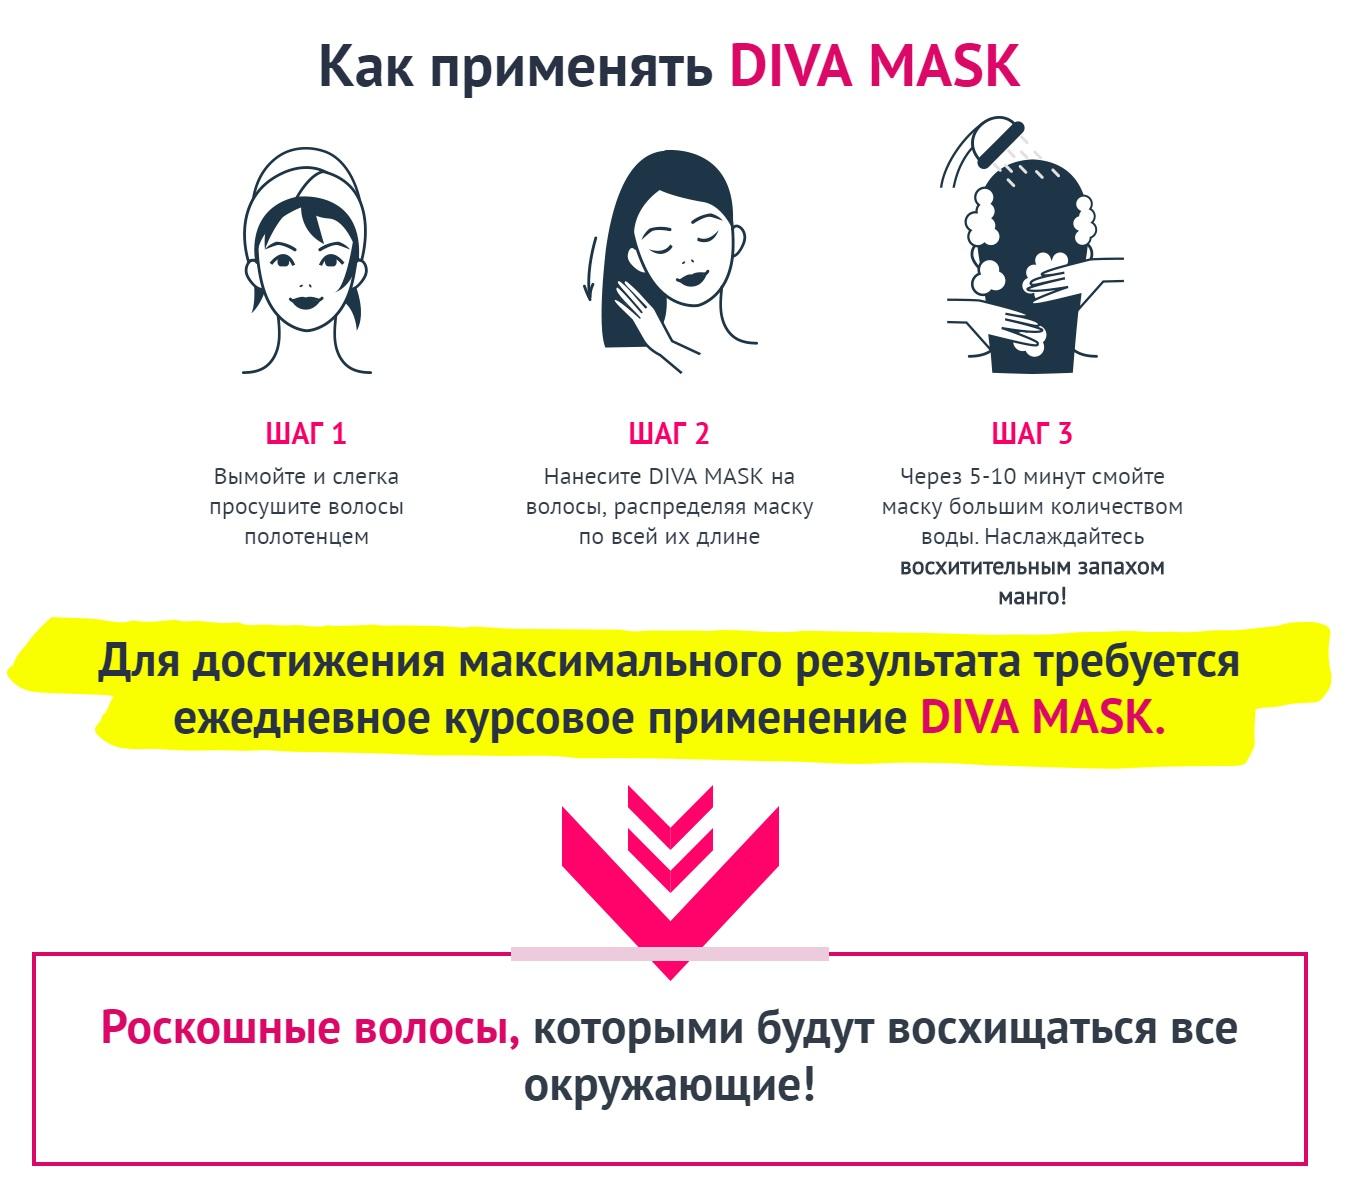 Как применять Diva Mask